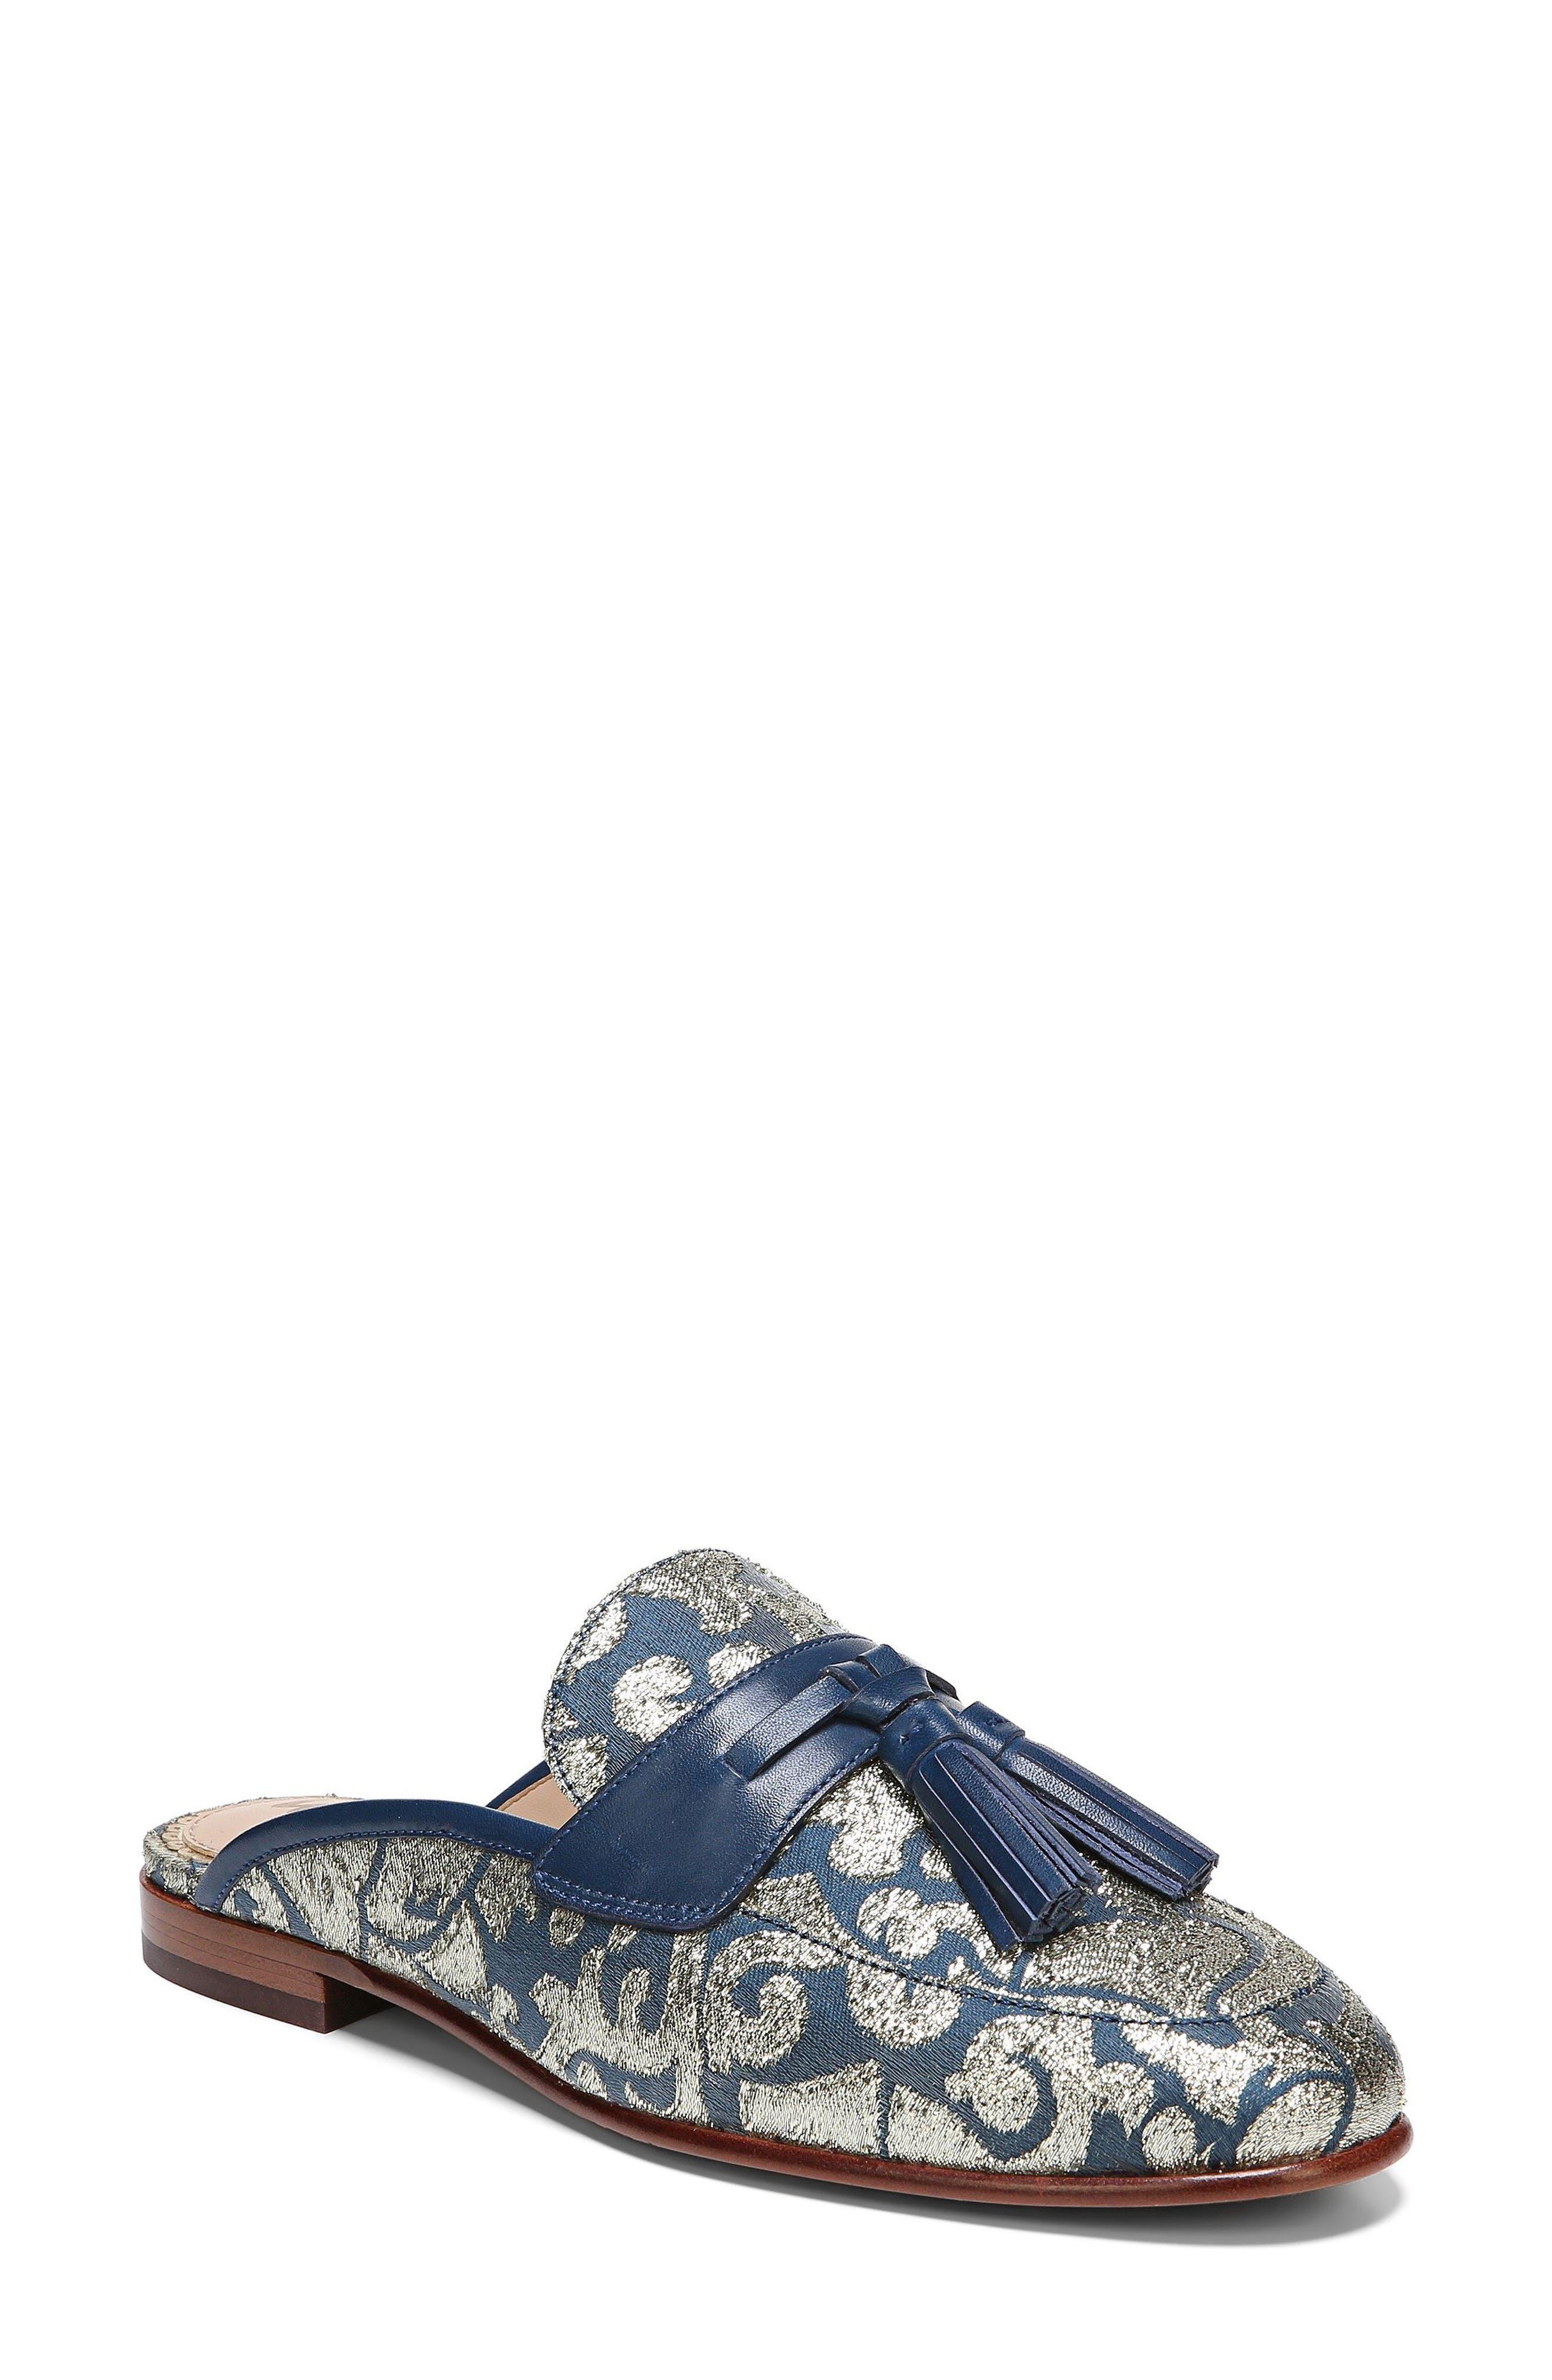 Alternate Image 1 Selected - Sam Edelman Paris Backless Tassel Loafer (Women)